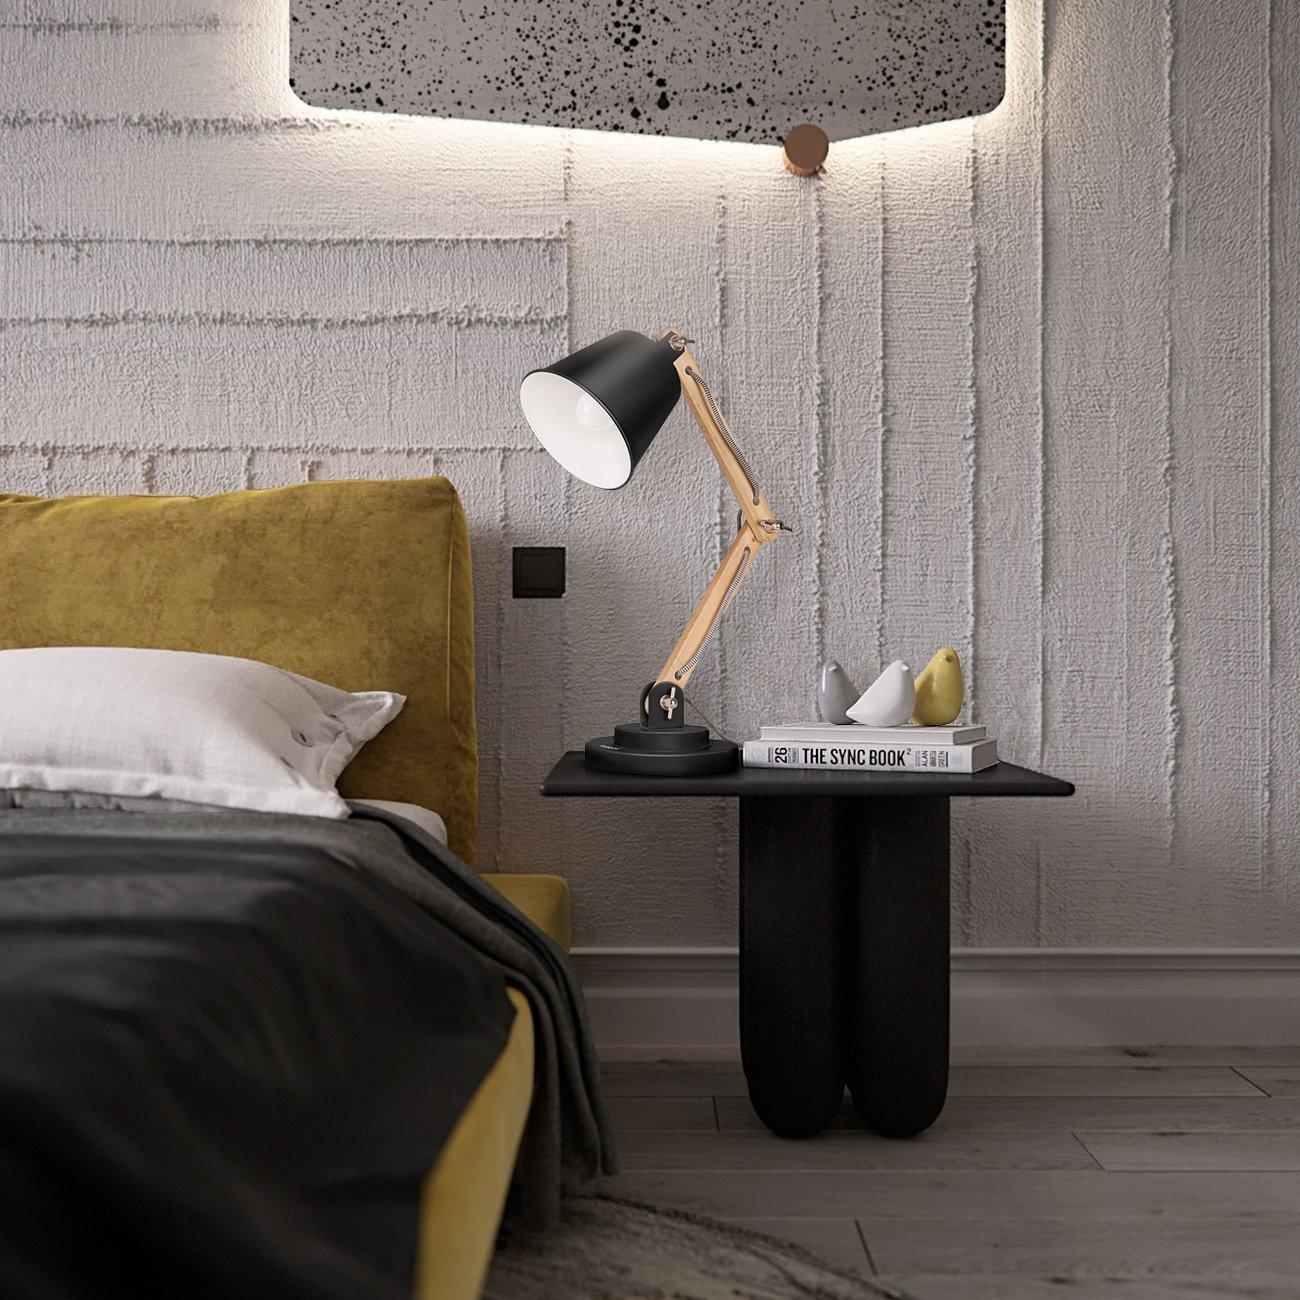 Tomons Schwenkbare Schreibtischlampe Leselampe Retro Design Für  Schreibtisch Und Nachttisch, Designer Lampe Für Arbeitszimmer, Büro,  Schlafzimmer Und ...